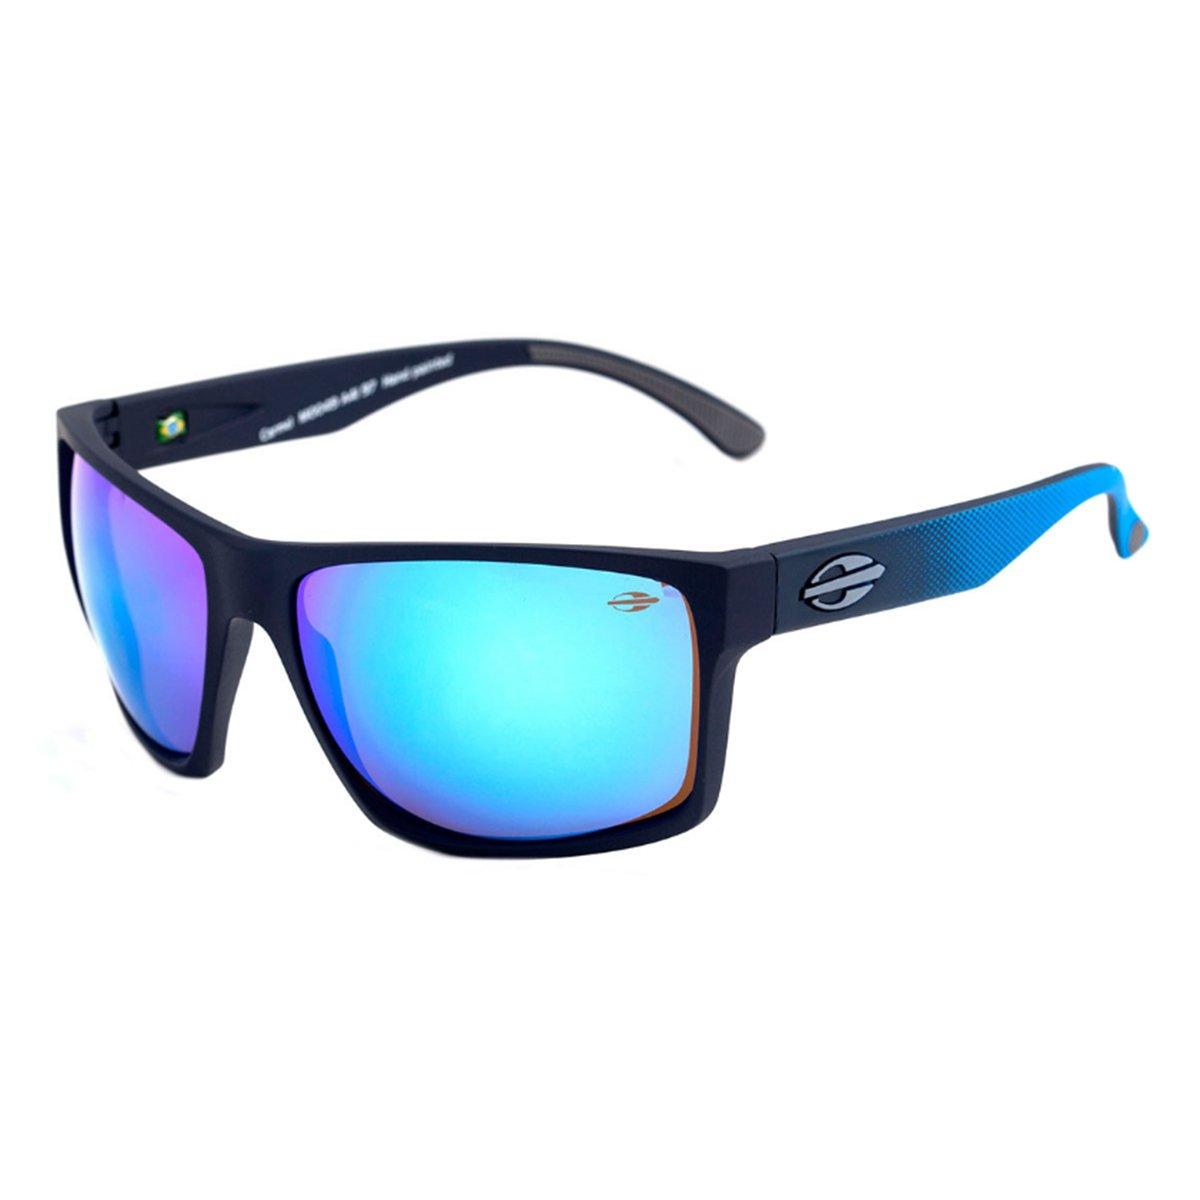 50eabeac598ca Compre Óculos de Sol Mormaii Carmel em 10X